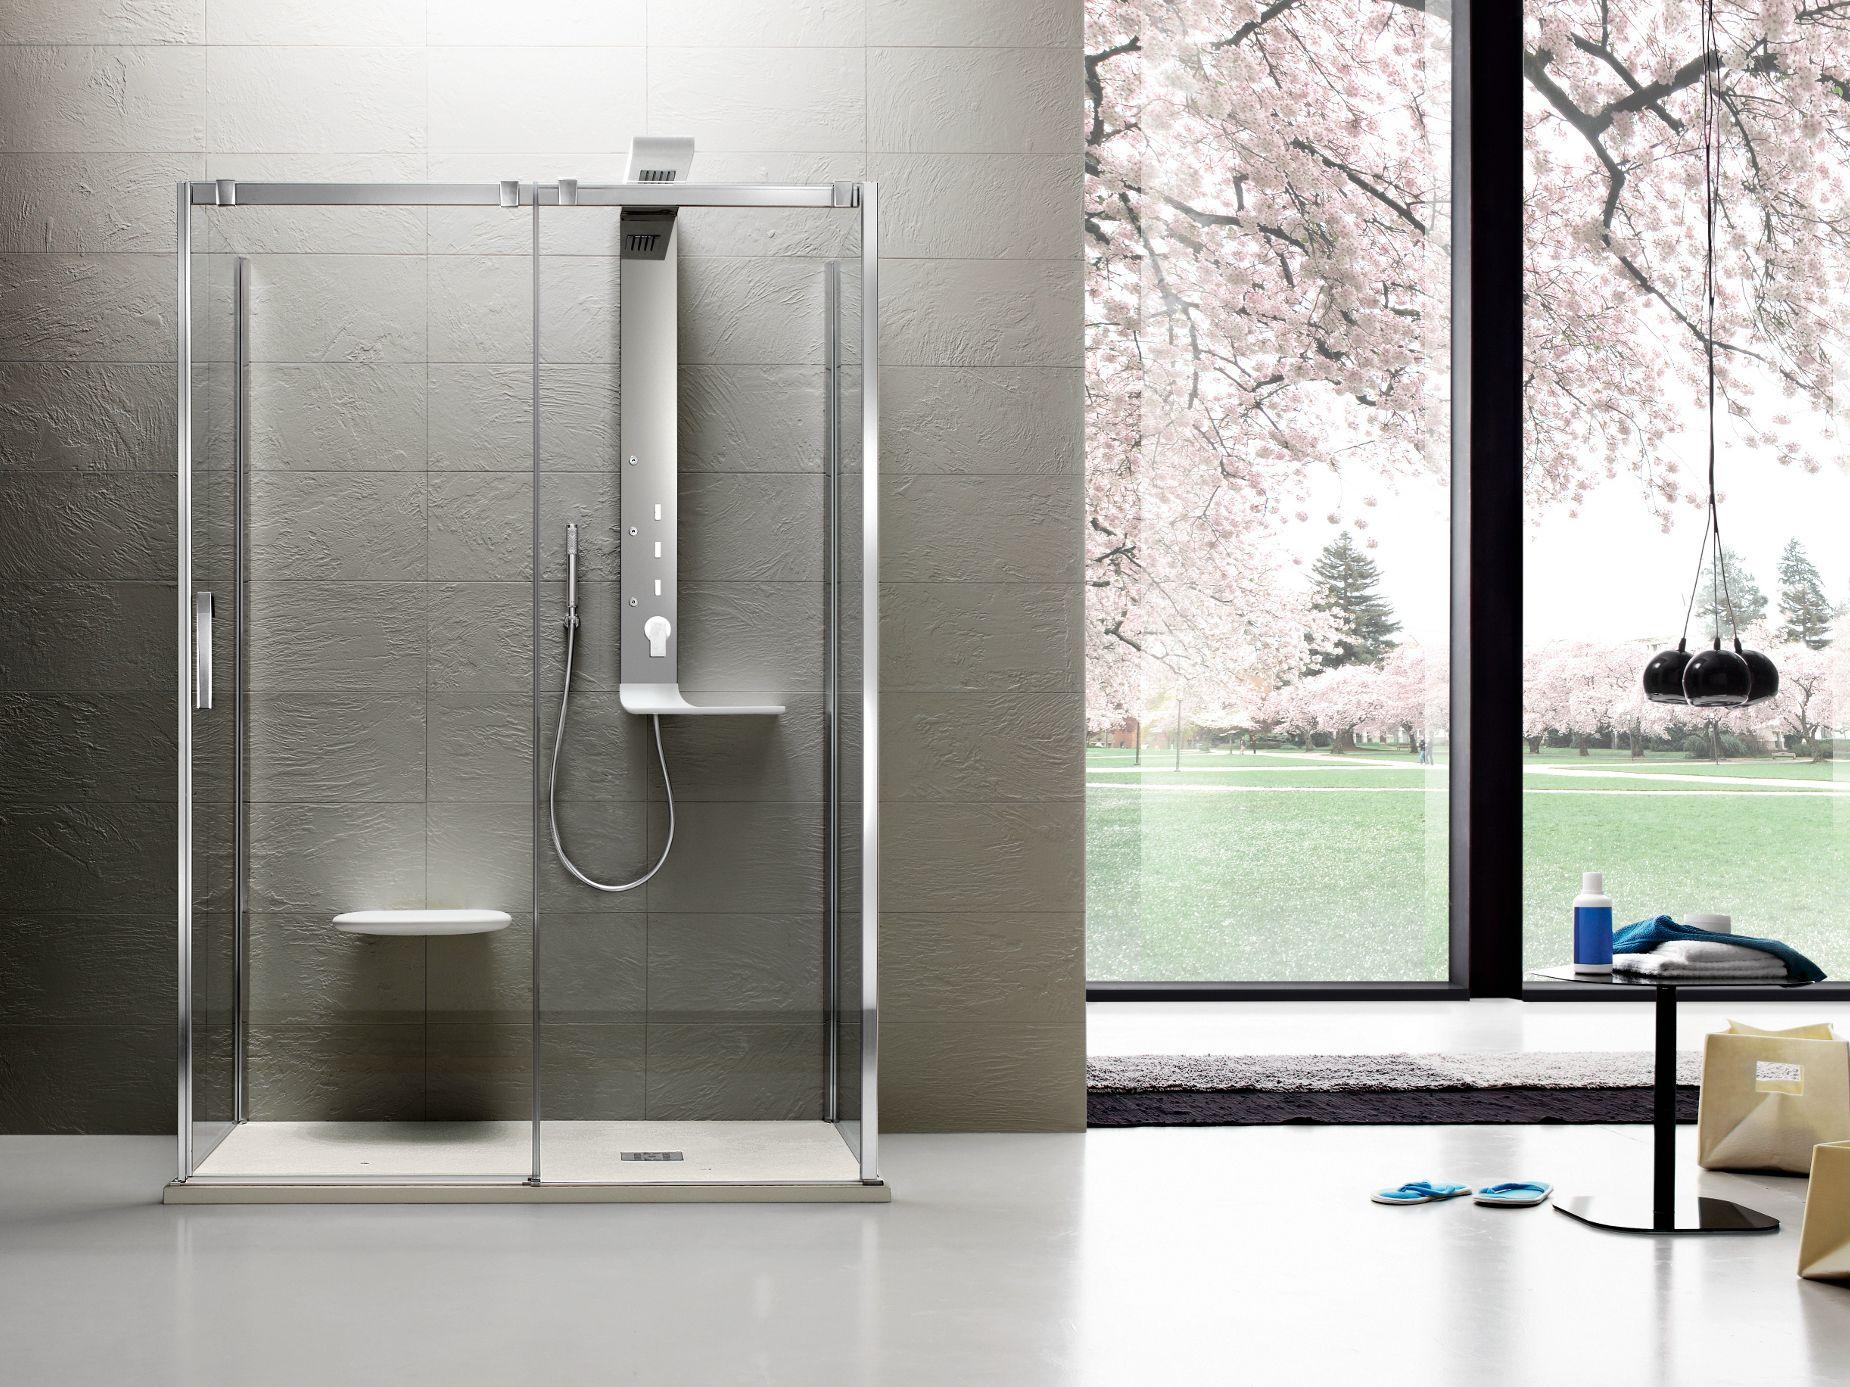 Cabine de douche en verre tremp avec bac portes coulissantes otto premium - Cabine de douche en solde ...